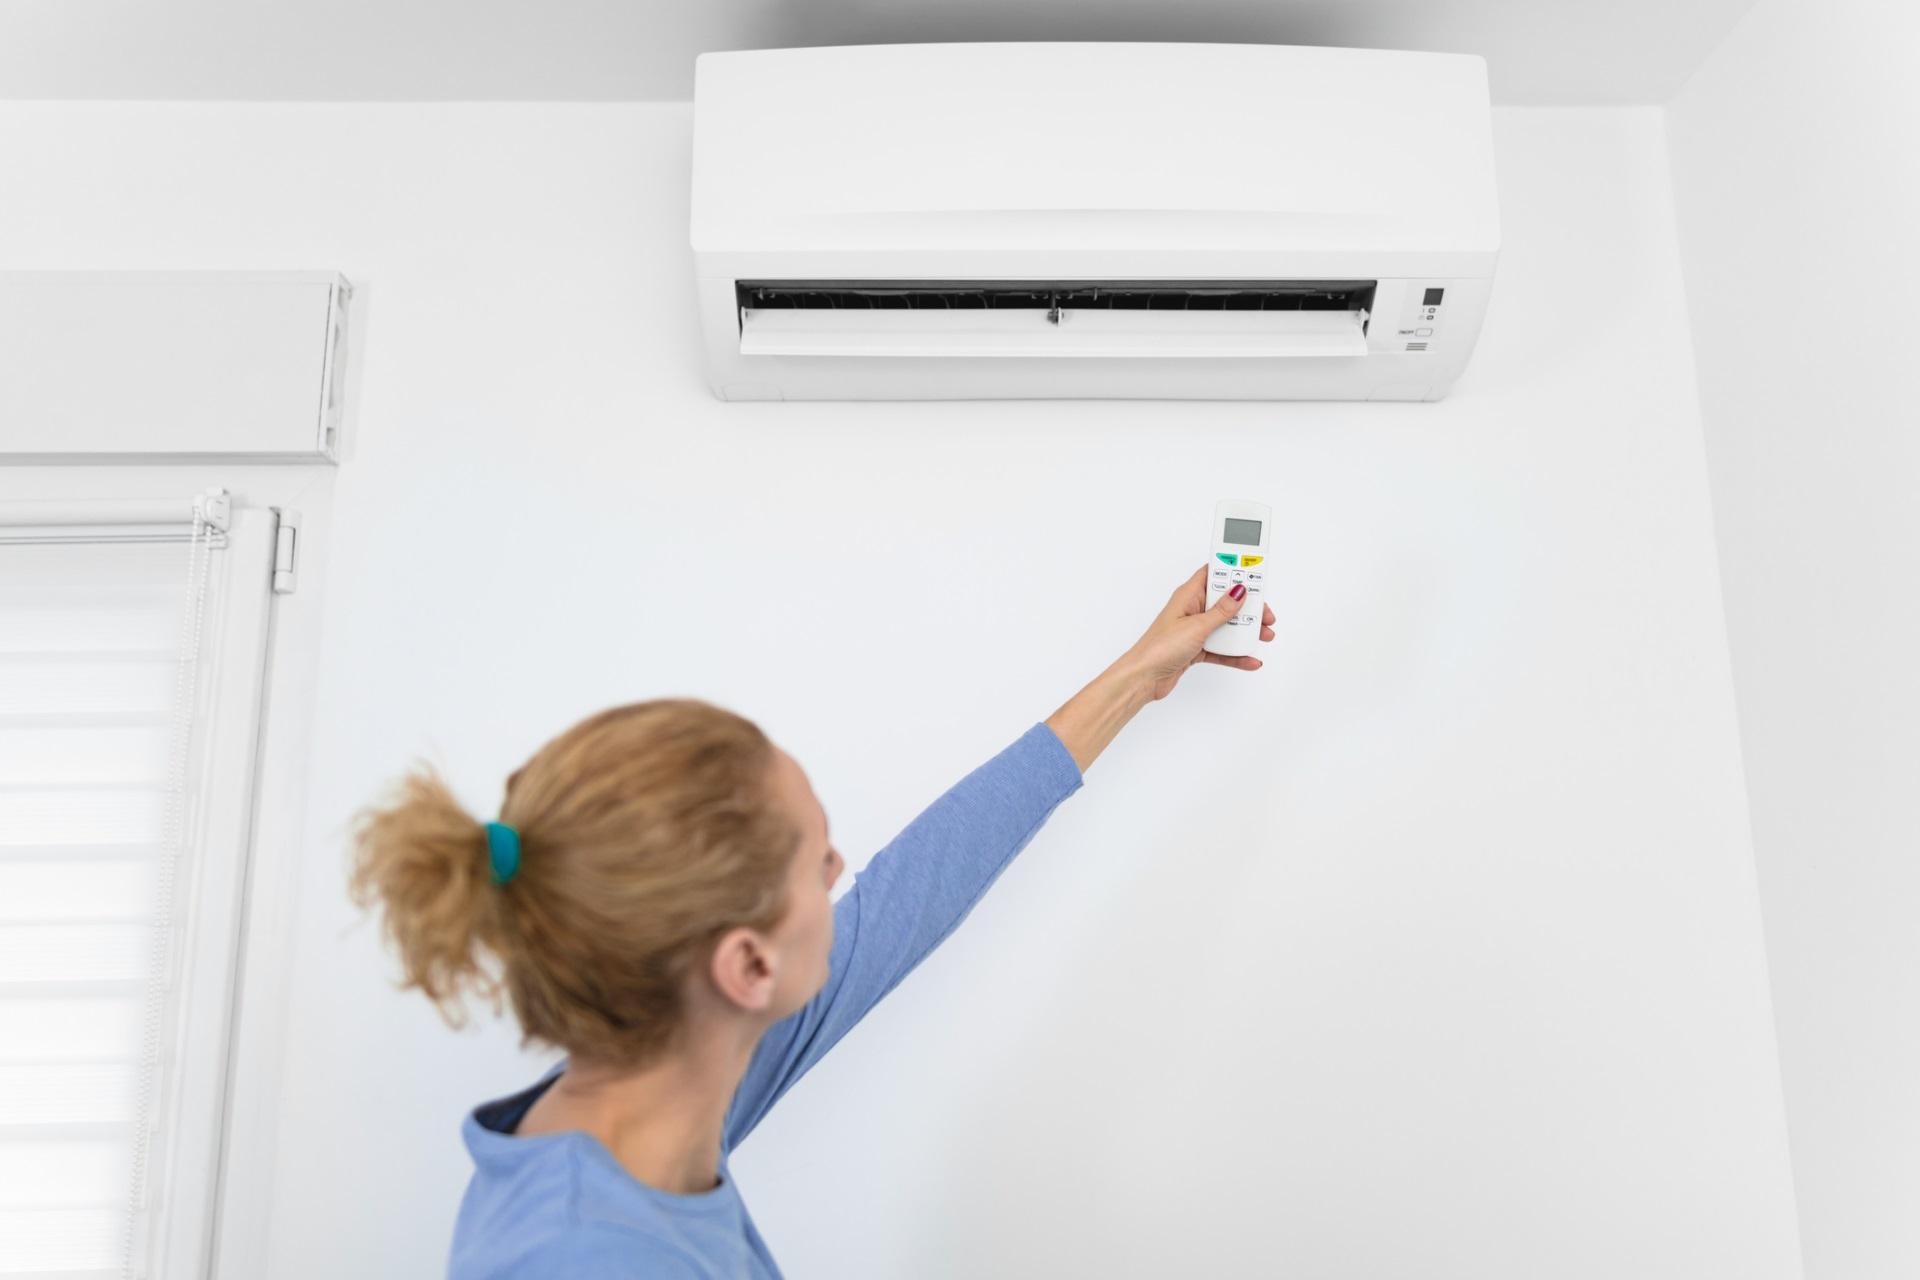 <p><strong>Намалете топлината</strong></p>  <p>Намалете топлината у дома. Тъй като тялото ви използва енергия, за да ви стопли, изключването на климатика или парното може да ви помогне да изгорите повече калории и да атакува запасите от мазнини на корема ви.</p>